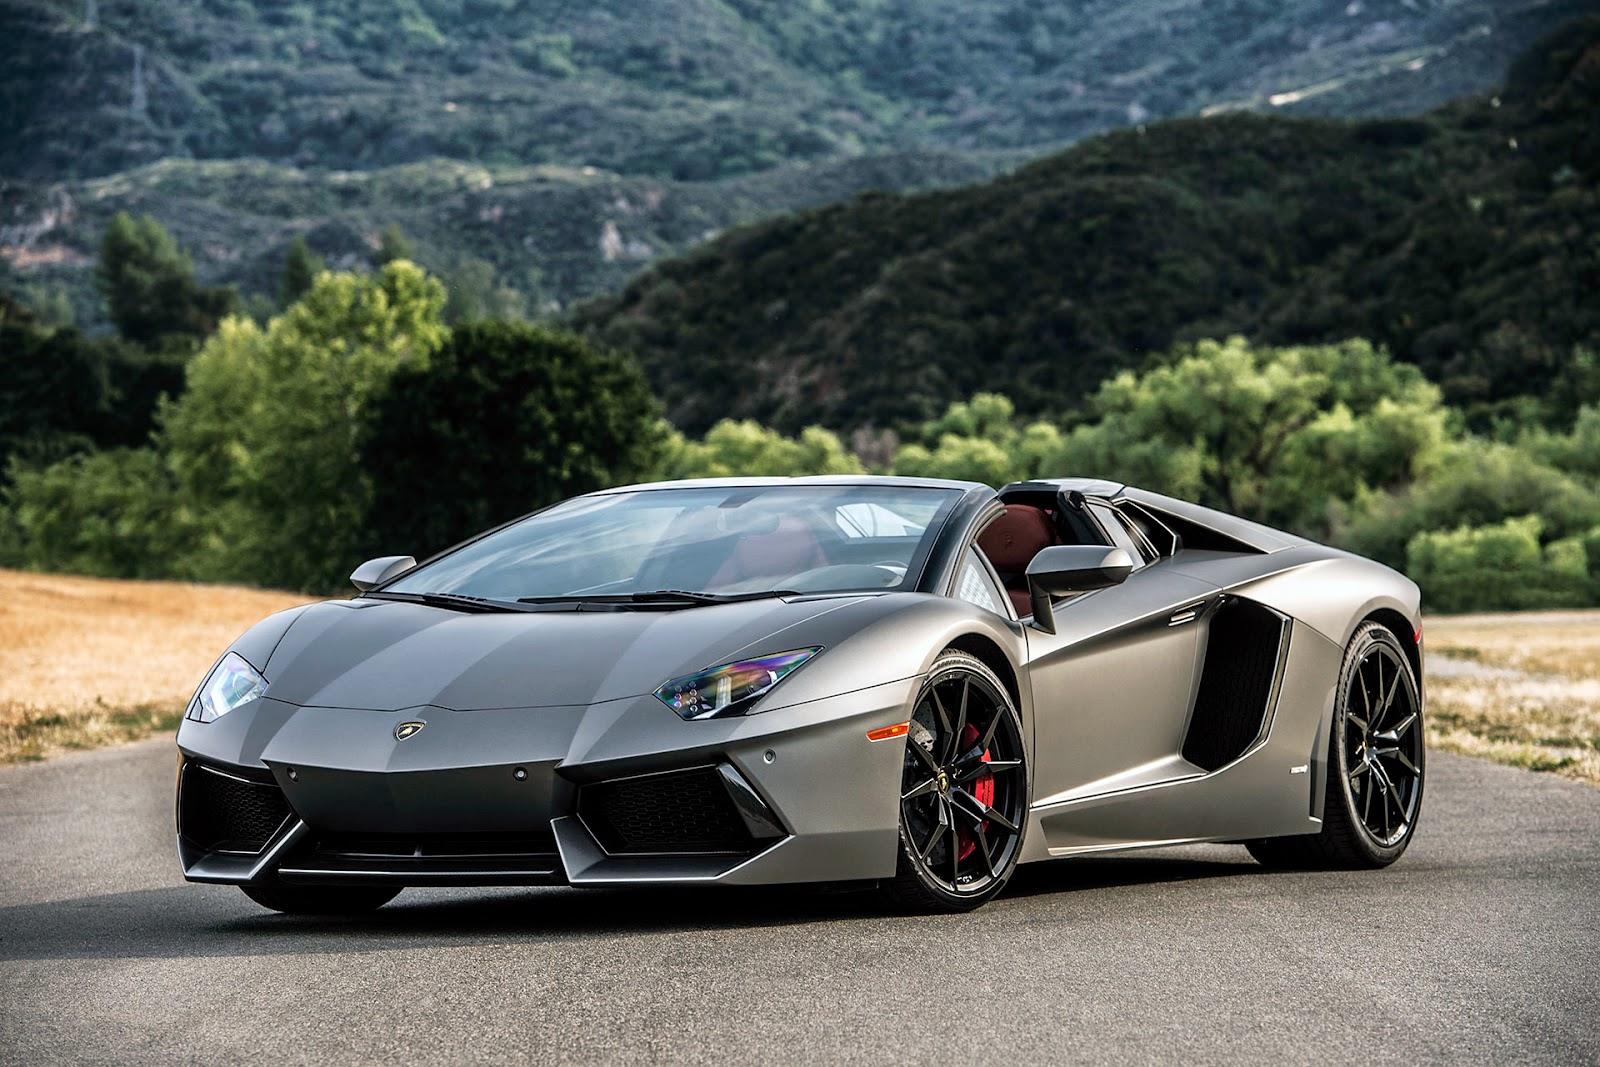 Hd Wallpaper Download Of Super Cars 169 Automotiveblogz Lamborghini Aventador Lp 700 4 Roadster